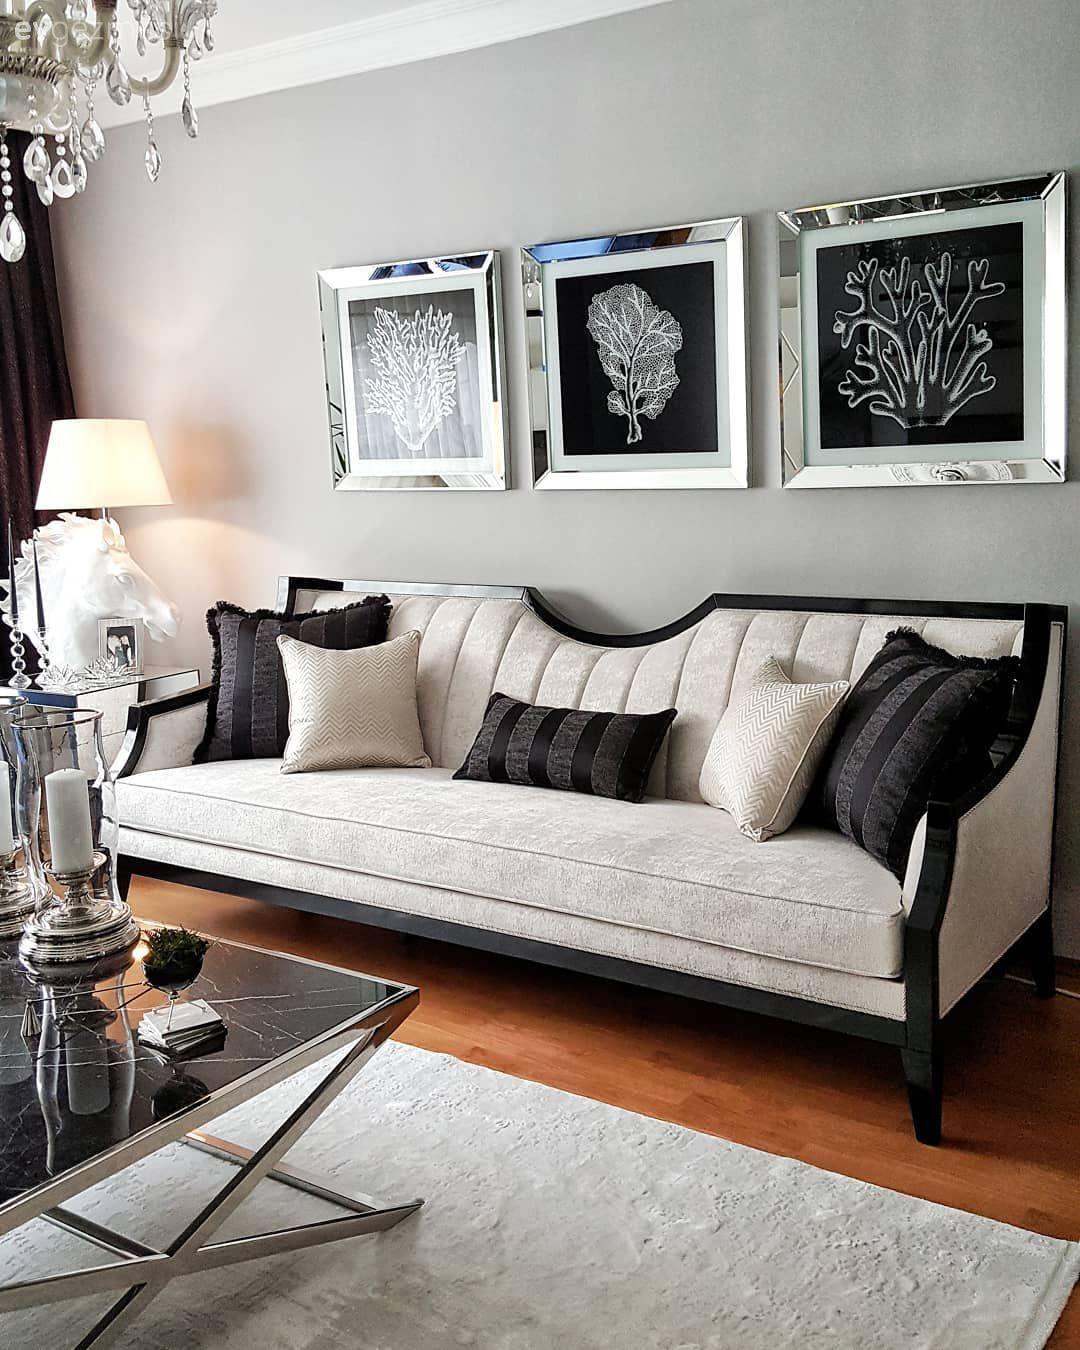 Mermer, Salon, Halı, Beyaz halı, Gri duvar, Siyah-beyaz, Ayna çerçeve, Duvar dekorasyon, İki farklı kanepeyle koltuk takımı